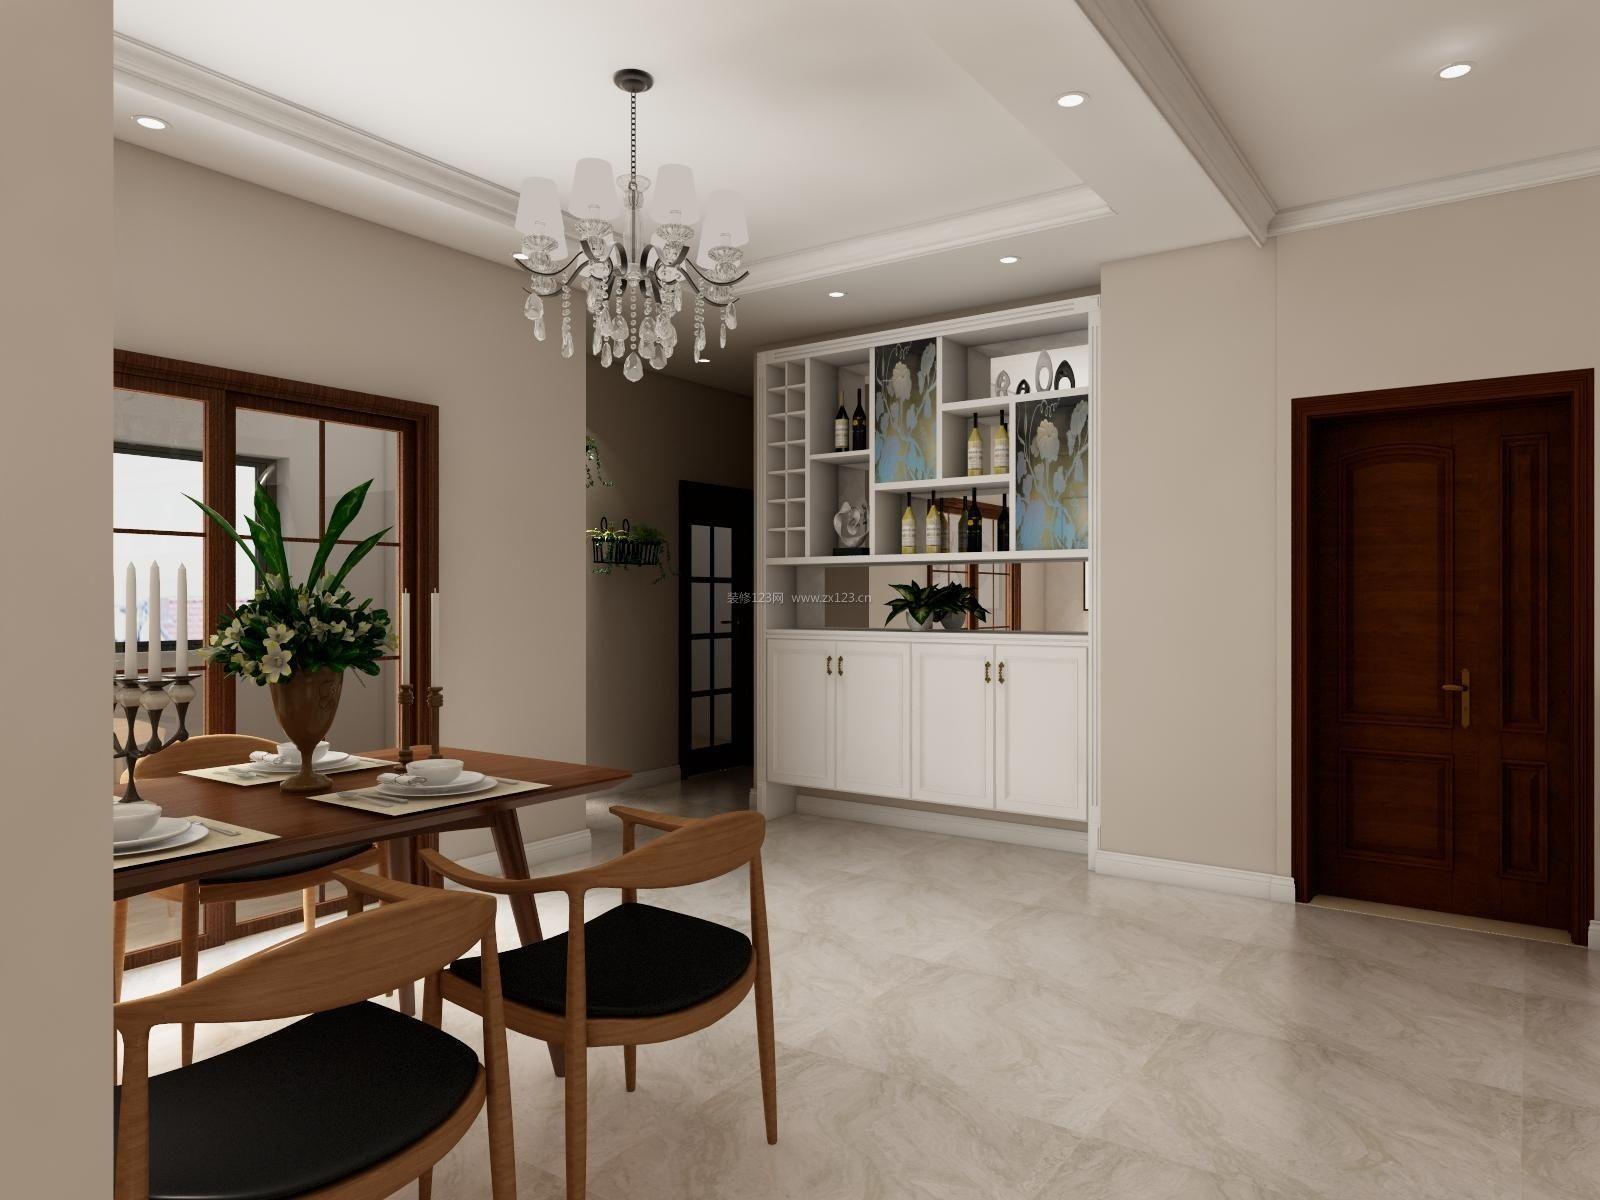 2017现代家装简约酒柜设计图欣赏